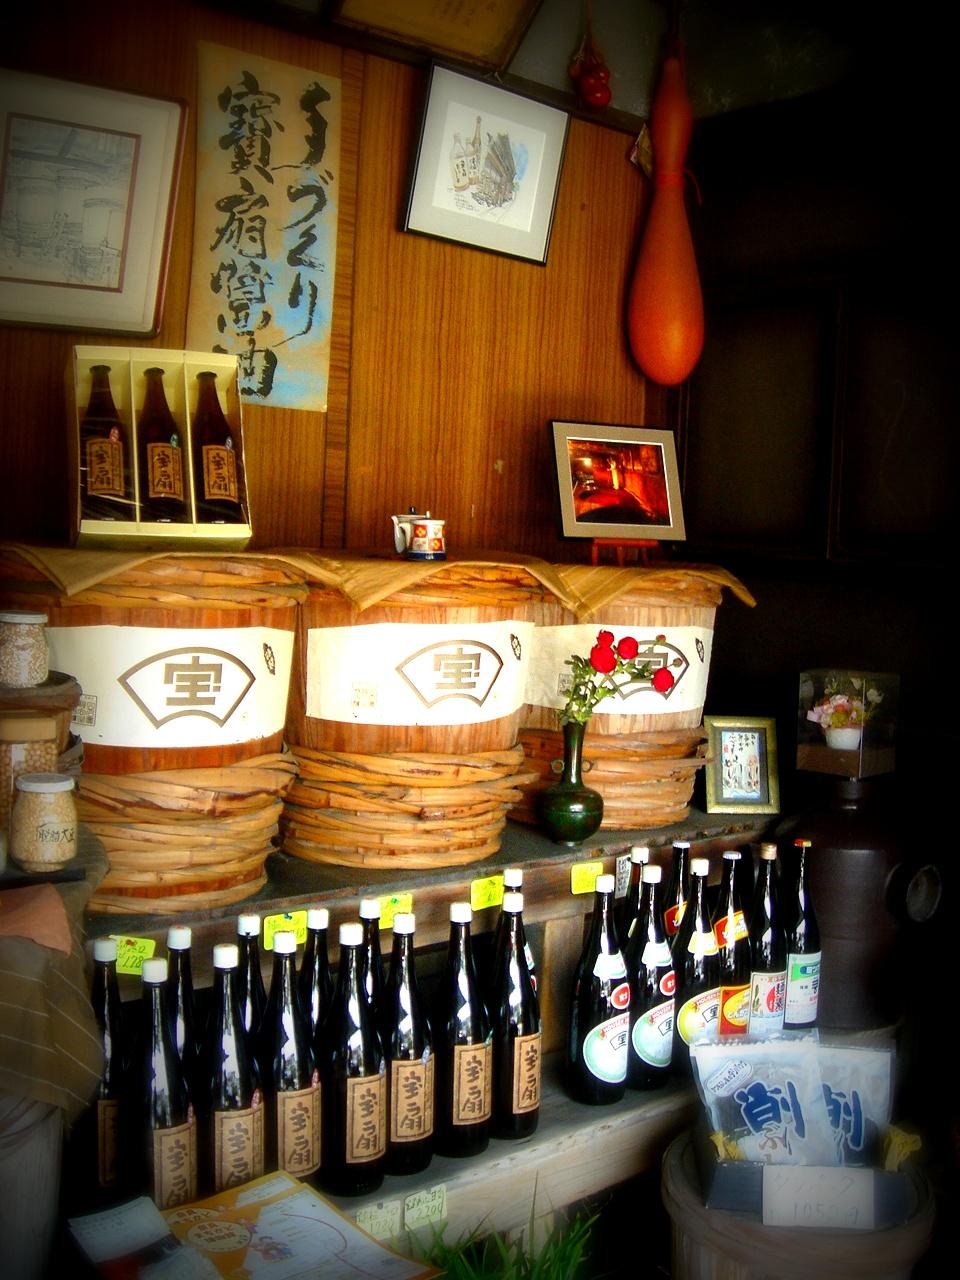 おいしいお醤油 -tasty handmade Soysauce_c0138928_1211153.jpg